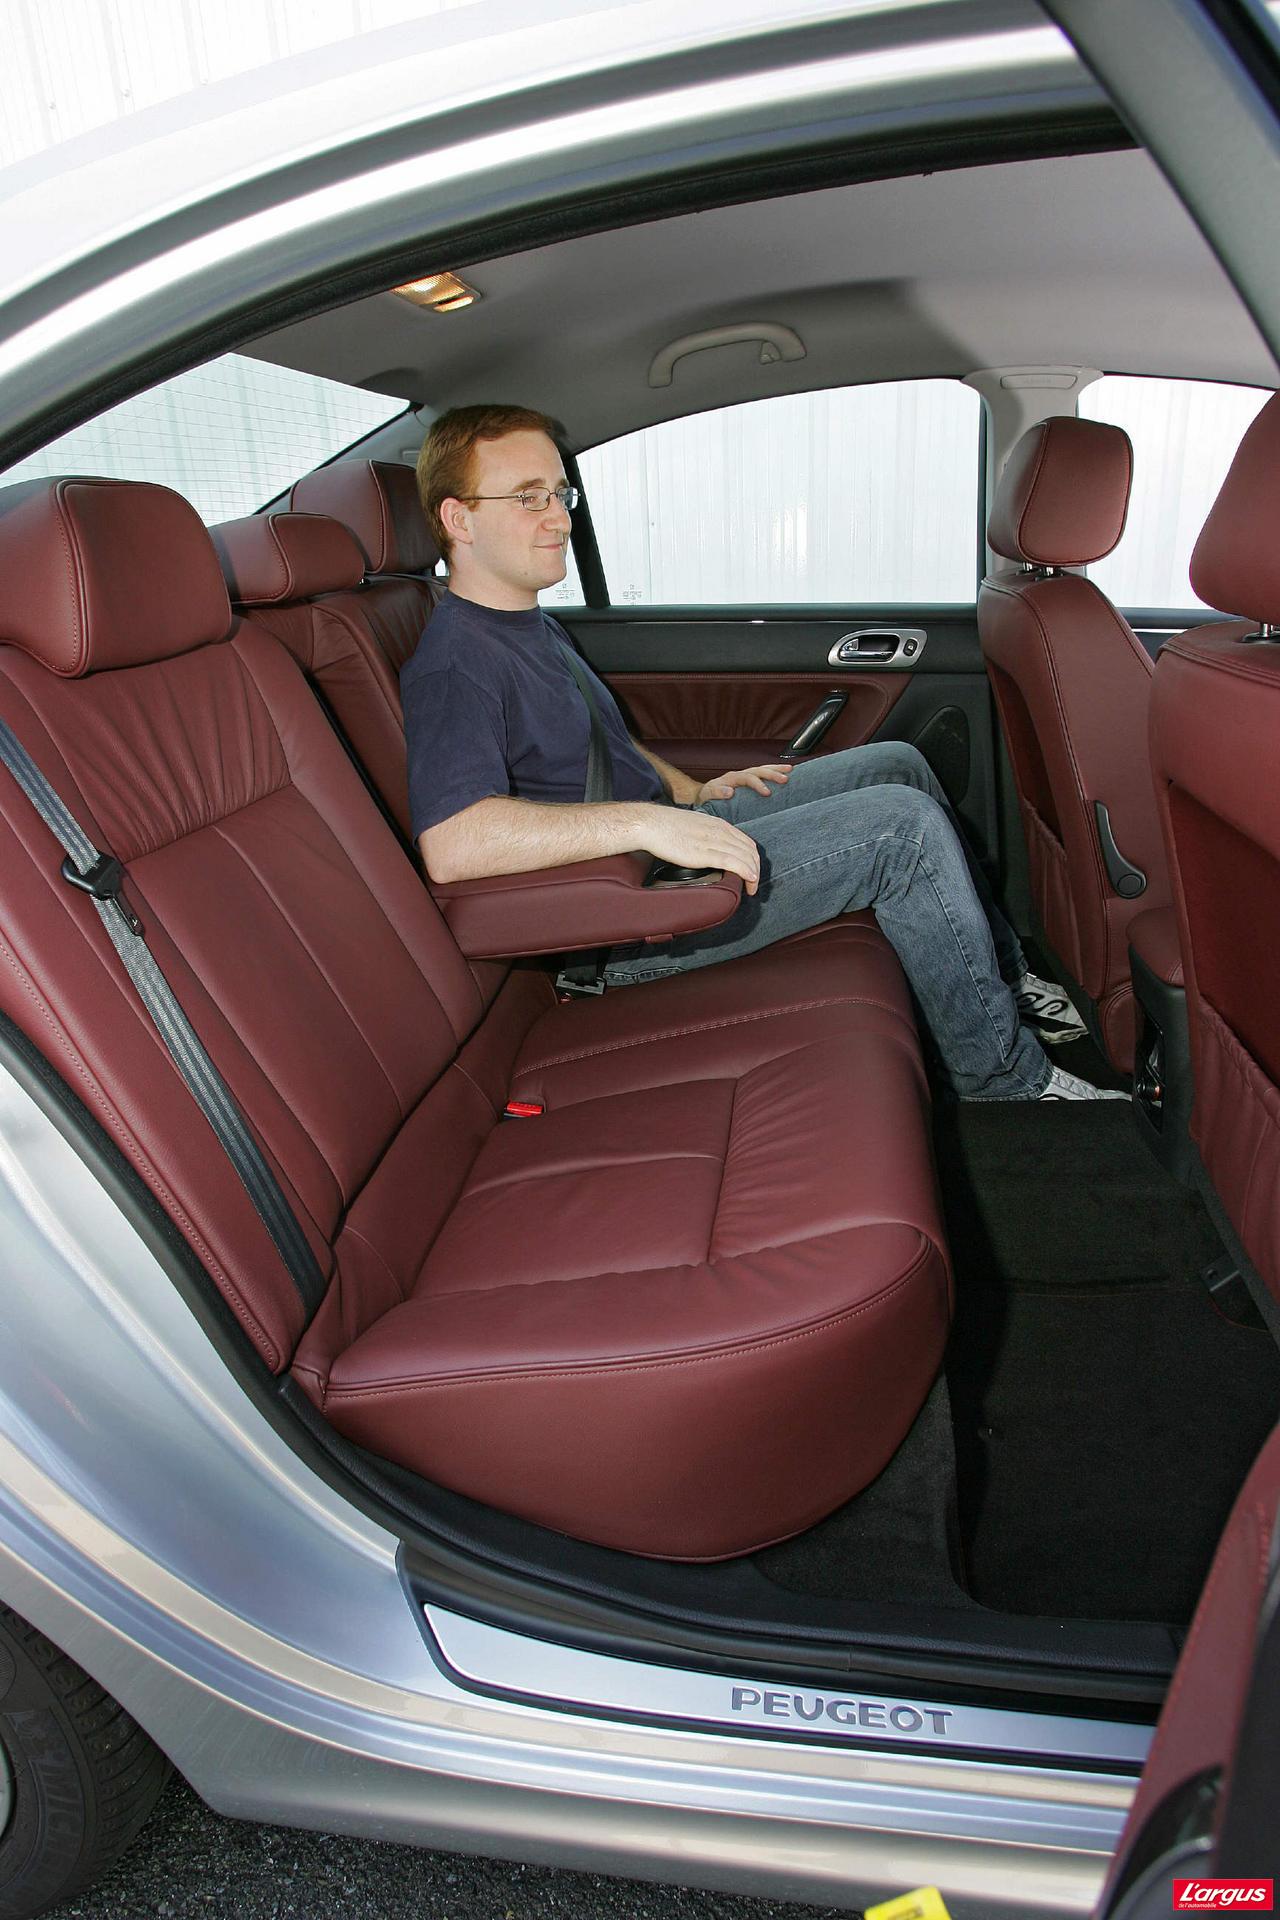 Peugeot 607 laquelle choisir for Interieur 607 peugeot